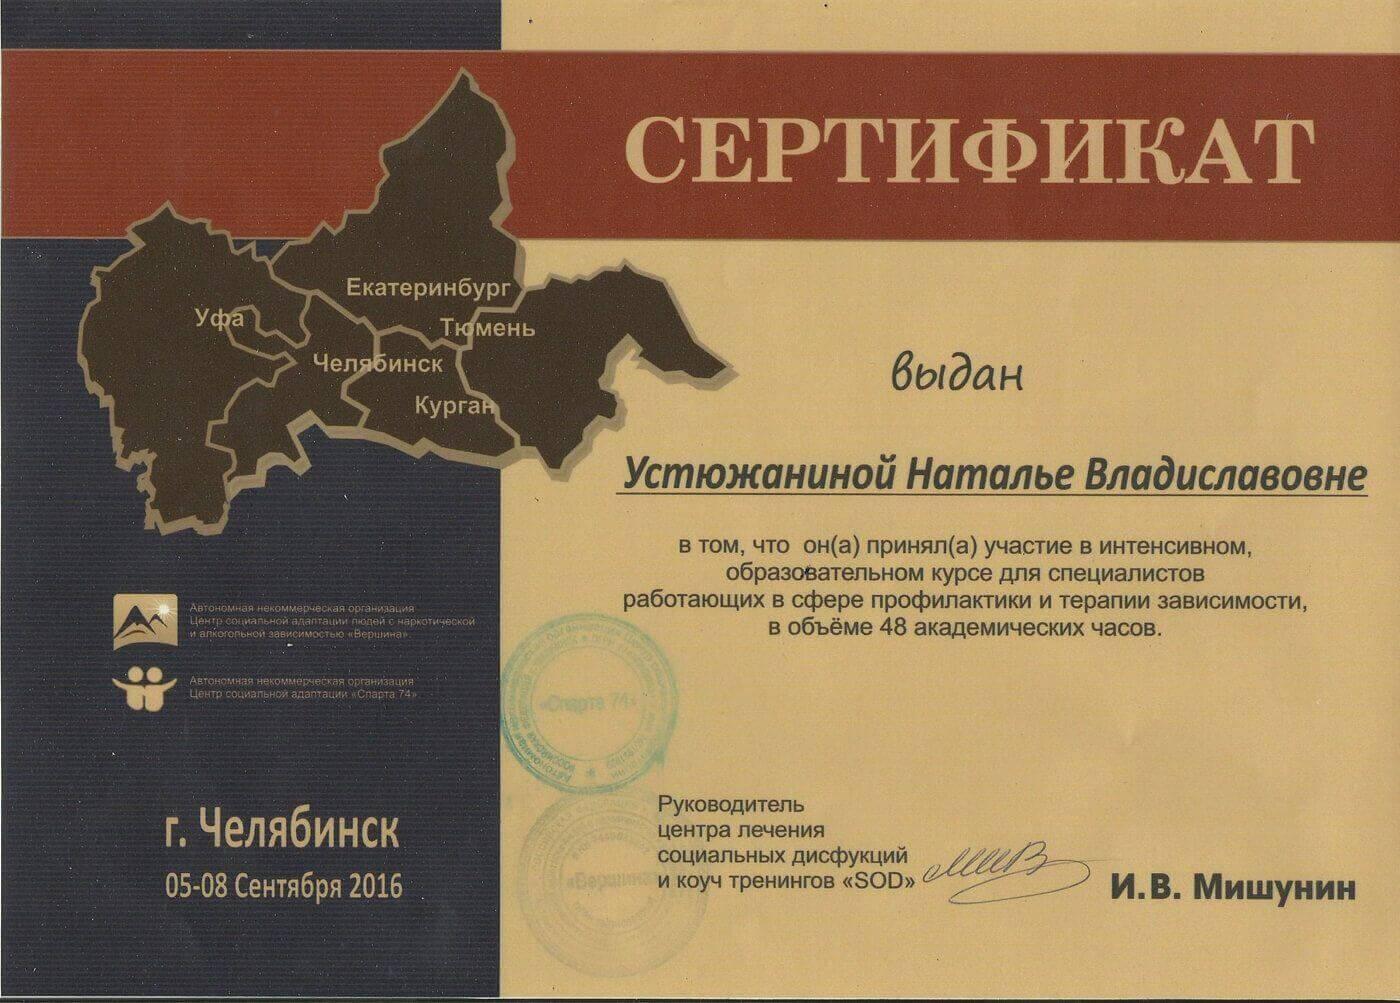 Сертификат Устюжаниной Н. В. - образовательный курс профилактики и терапиии зависимости